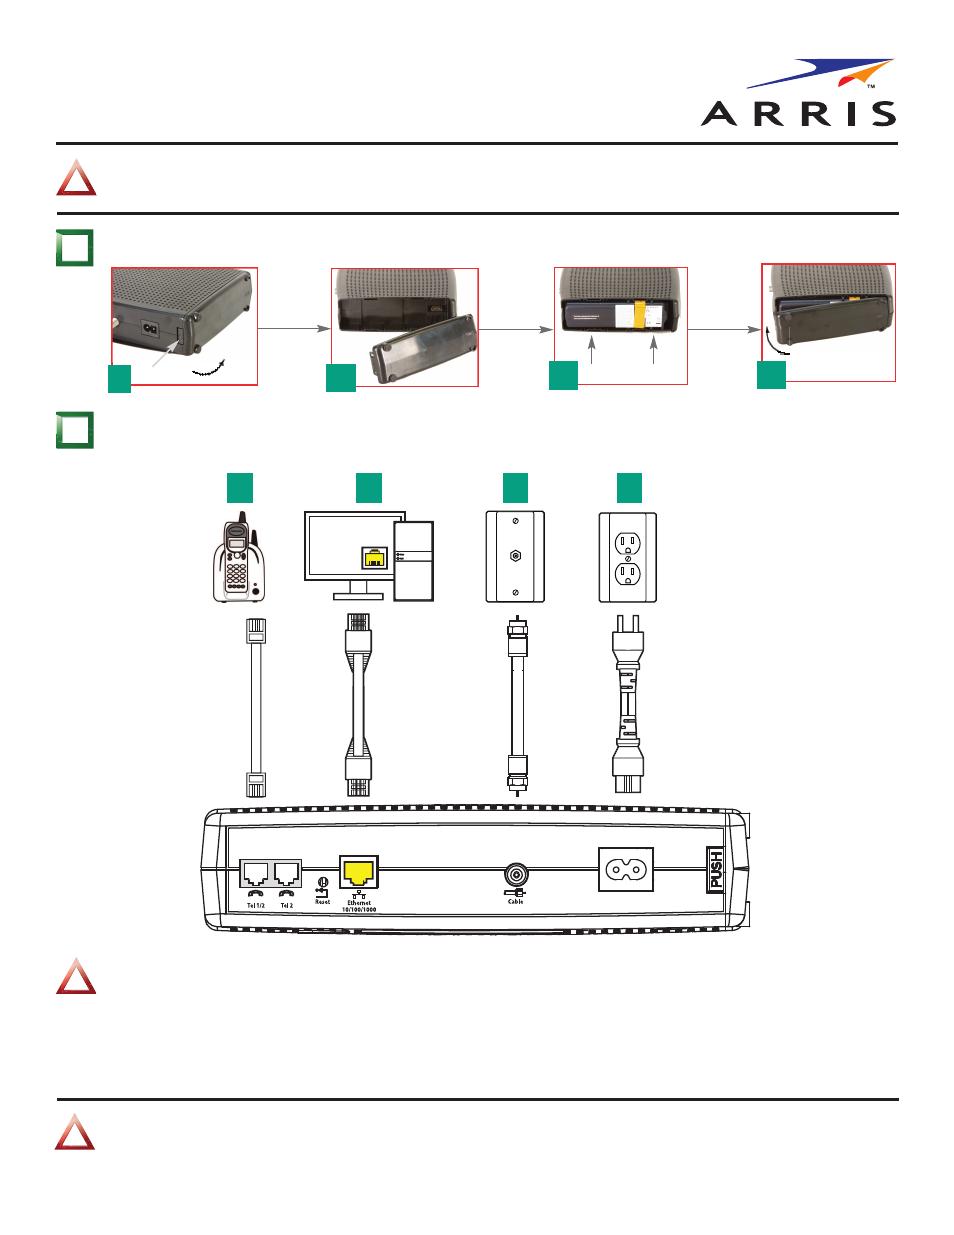 Arris Xg1v4 Manual